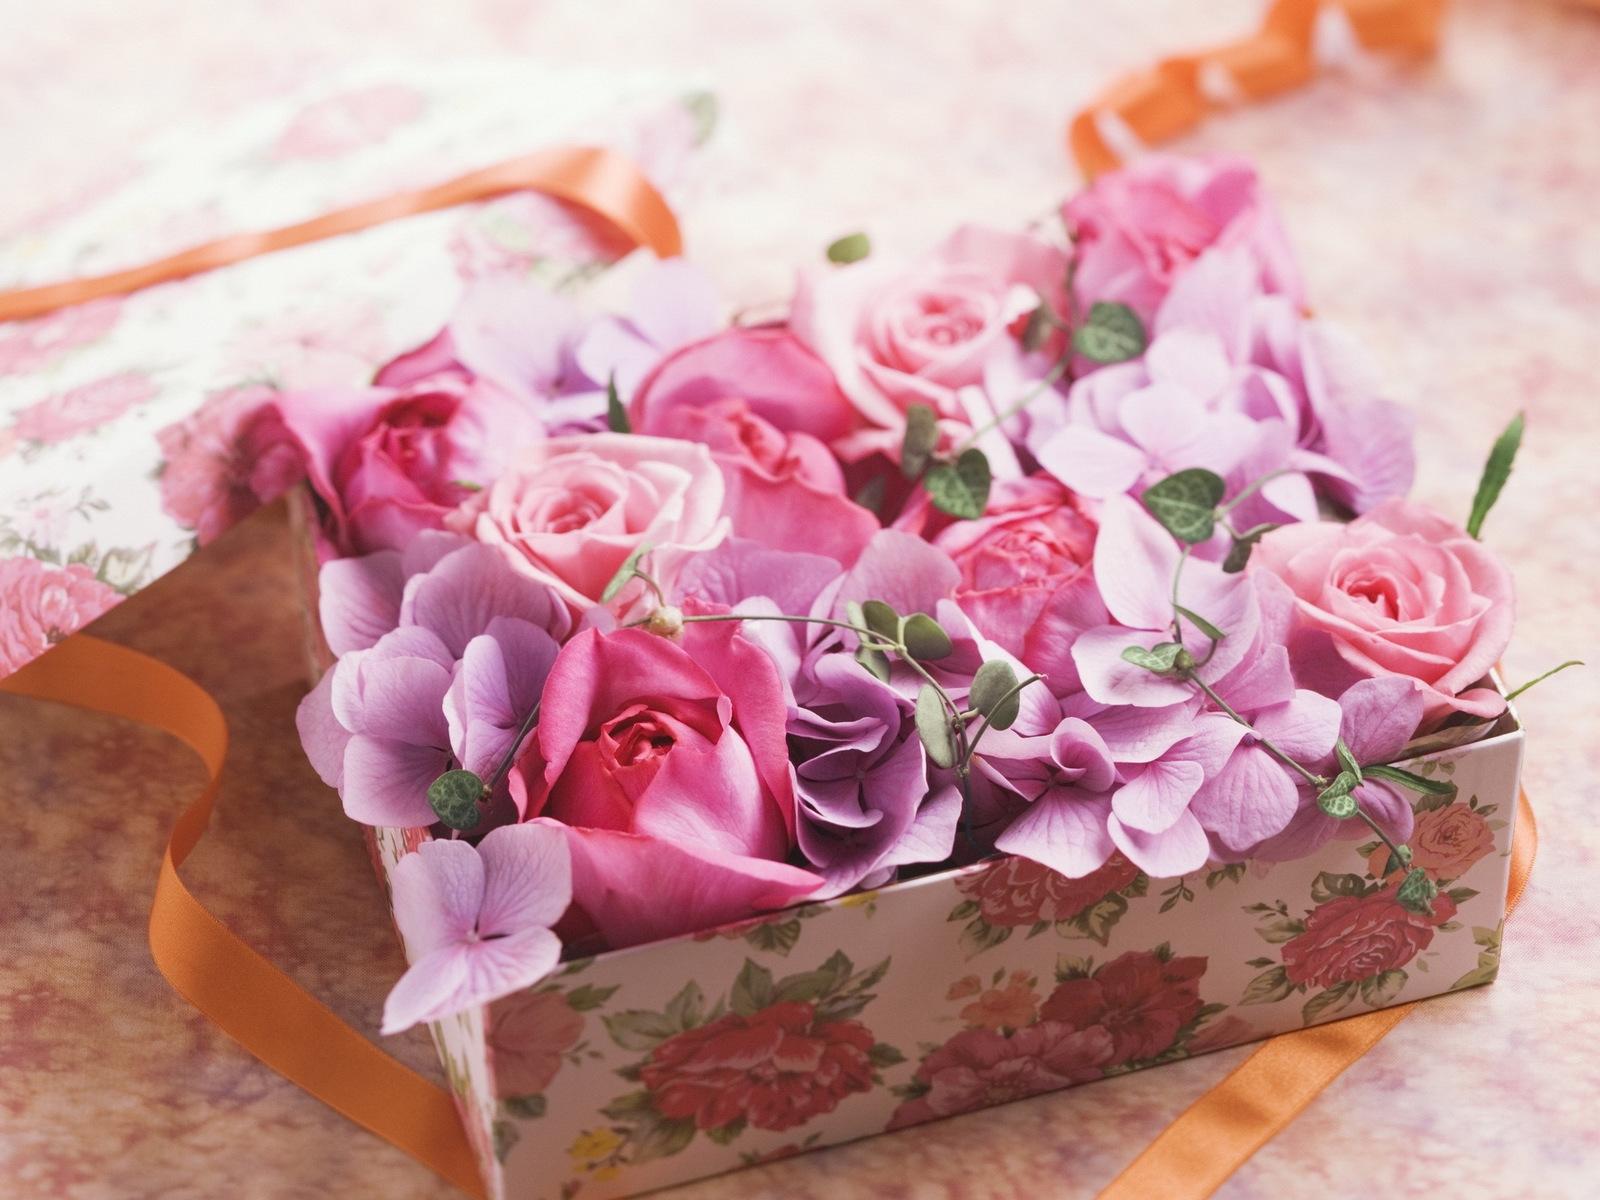 вкус картинки с днем рождения с подарком и букетом еще